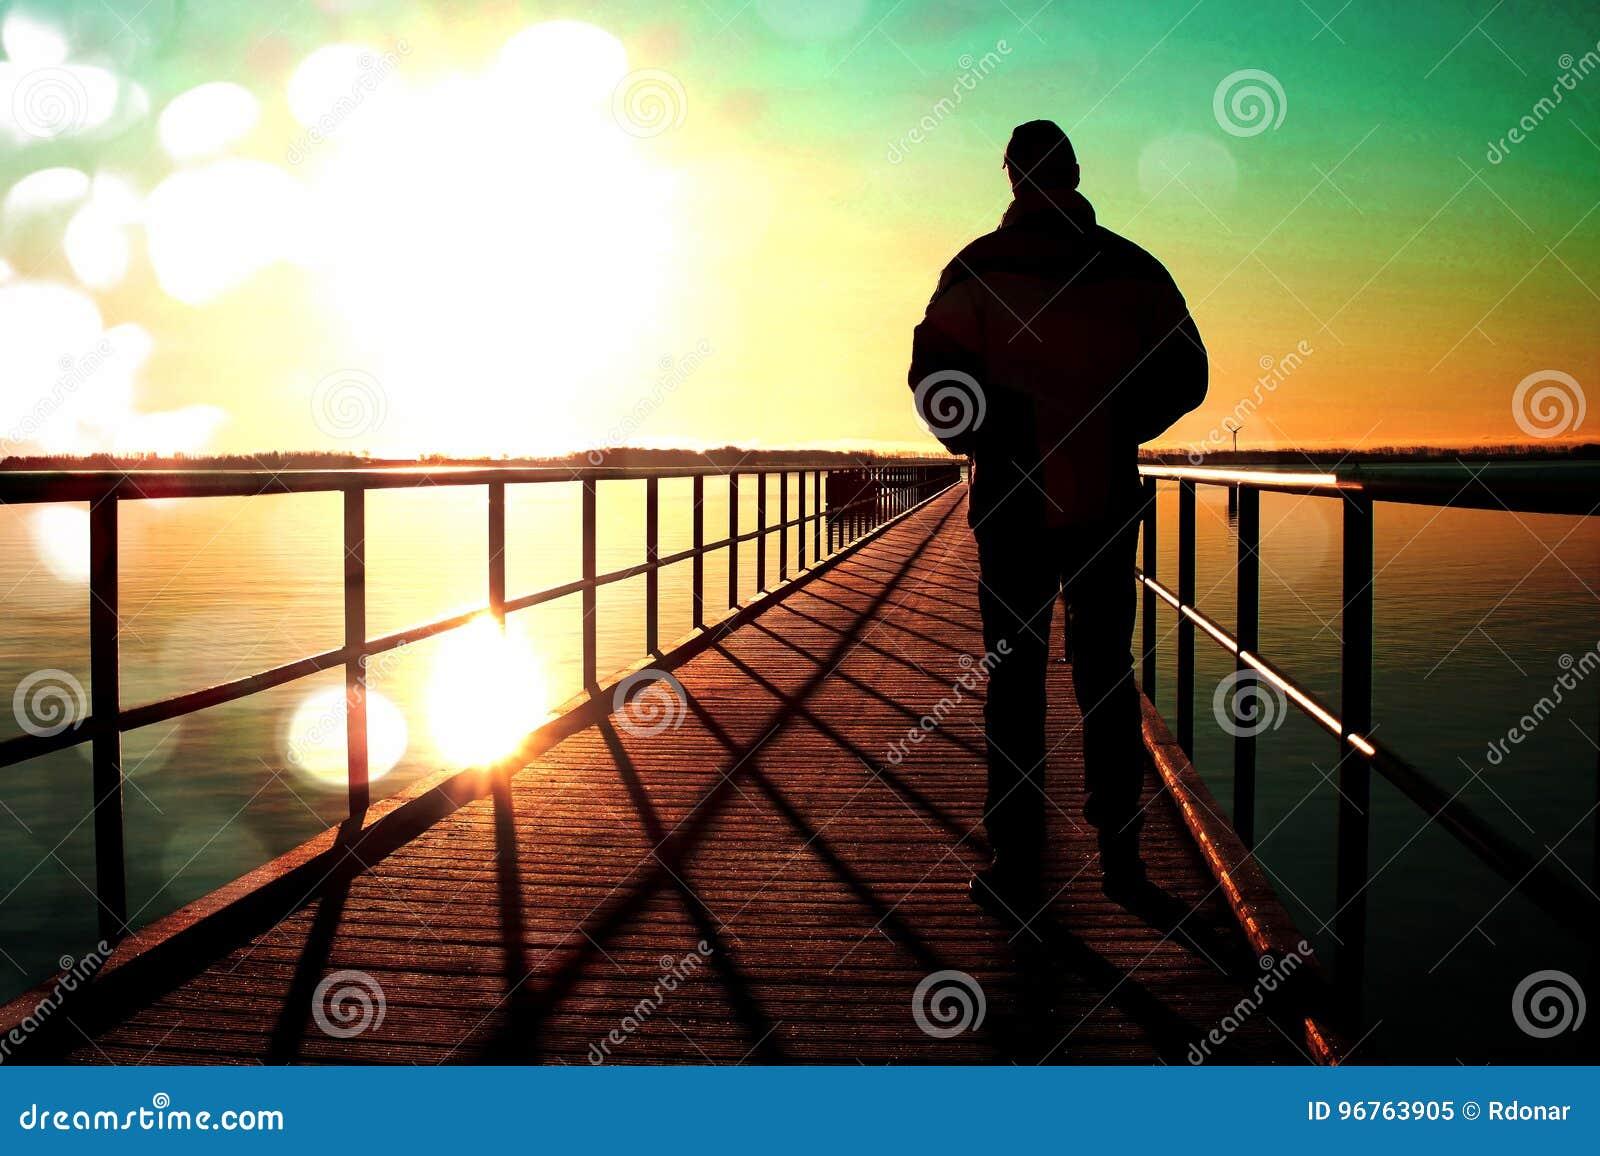 Ekranowa adra Mężczyzna sylwetki spacer na nabrzeże budowie nad morze słońce Fantastyczny ranek z jasnym niebem, gładki poziom wo